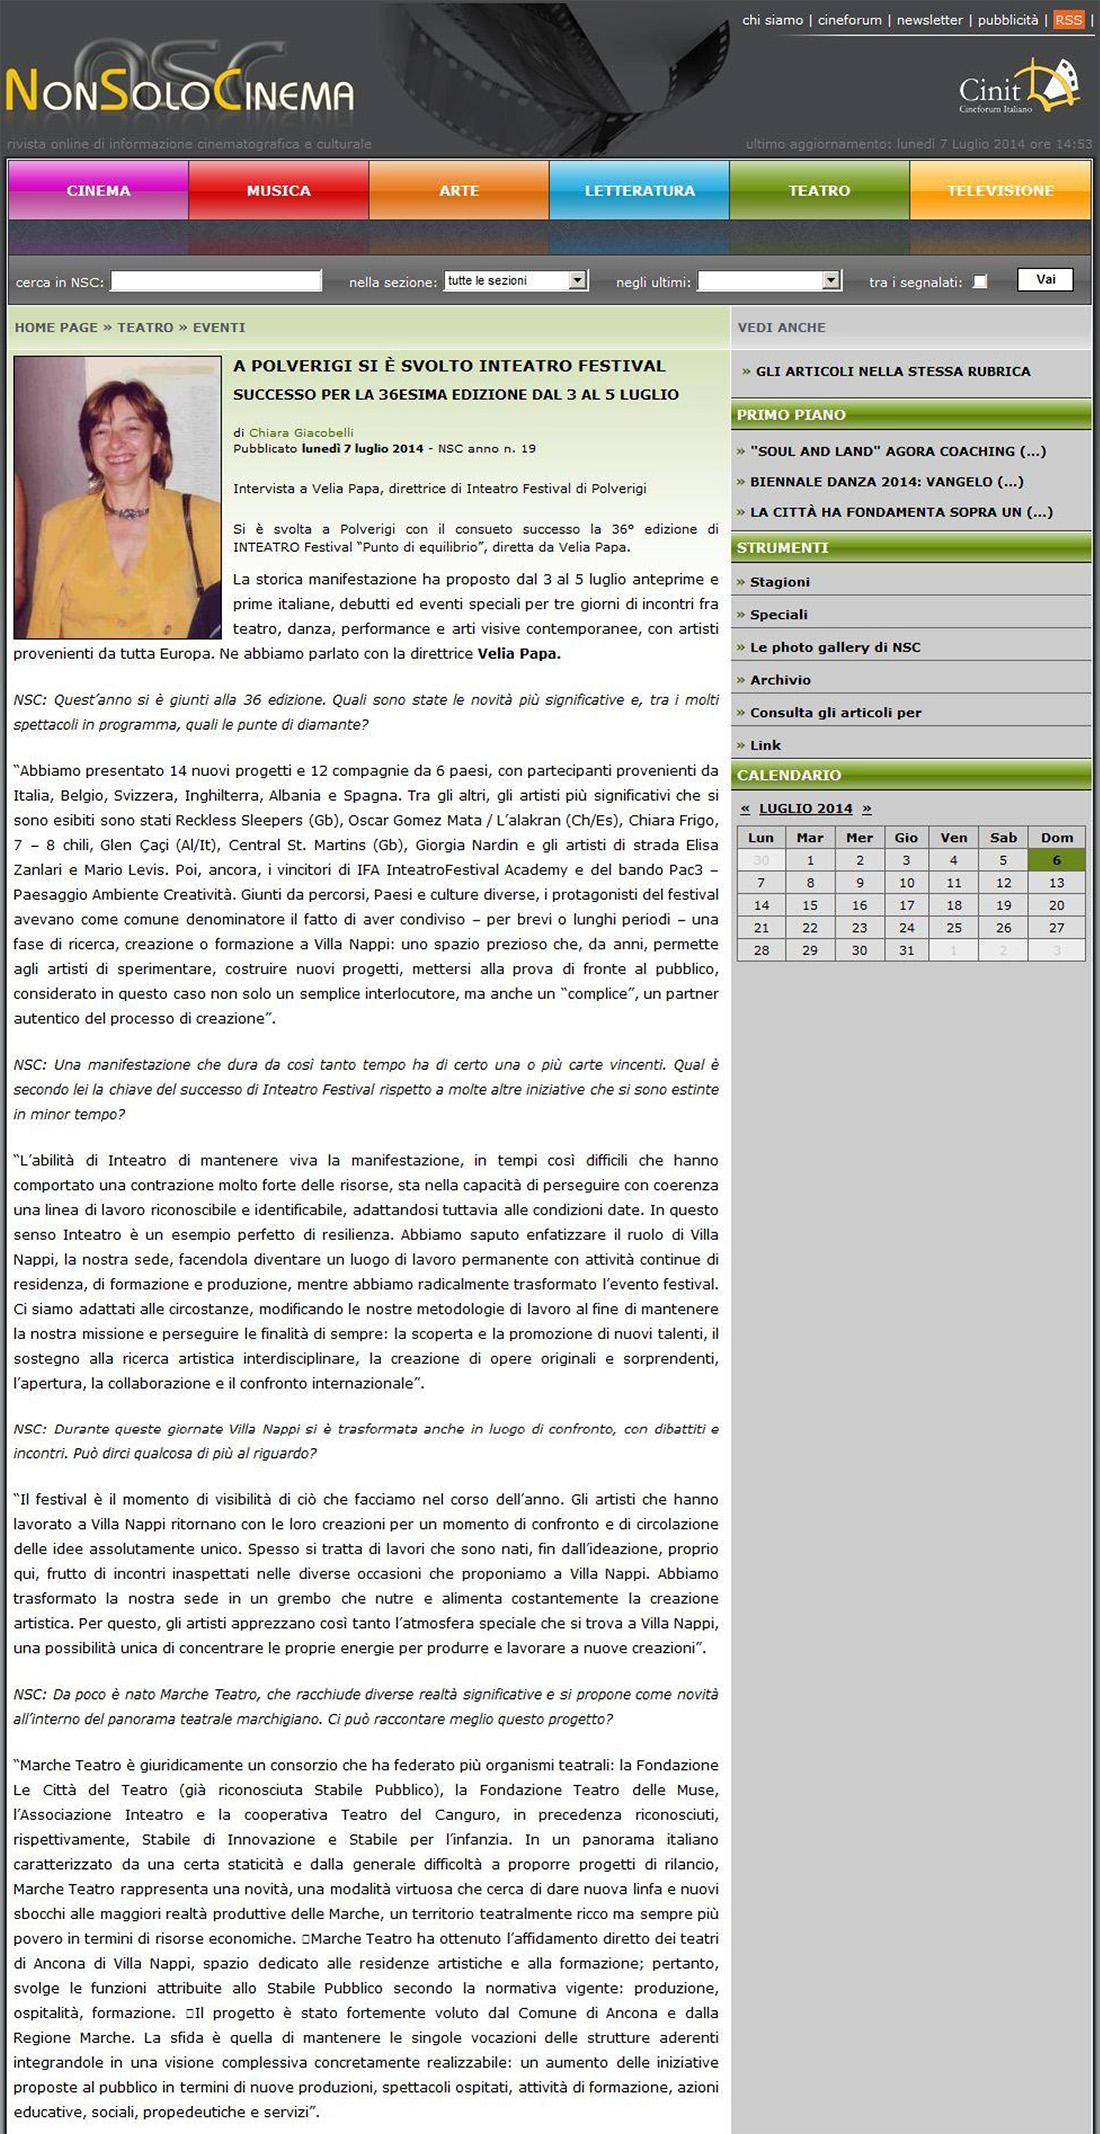 2014.07.07 A Polverigi si è svolto Inteatro Festival - nonsolocinema.com